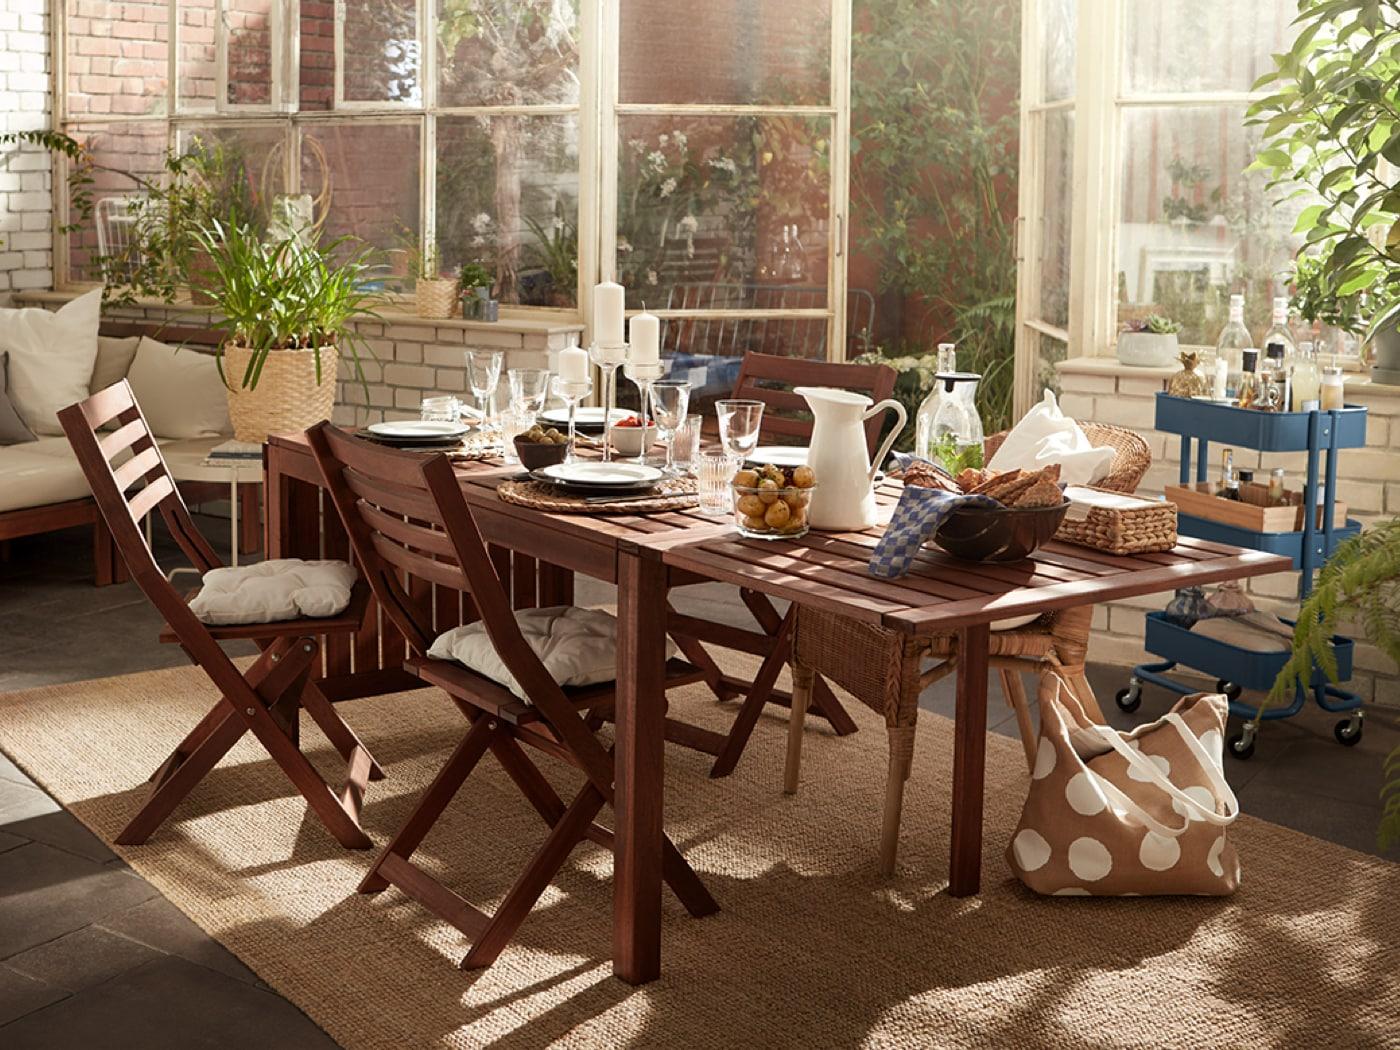 Gartenmöbel Balkonmöbel Für Dein Zuhause Ikea